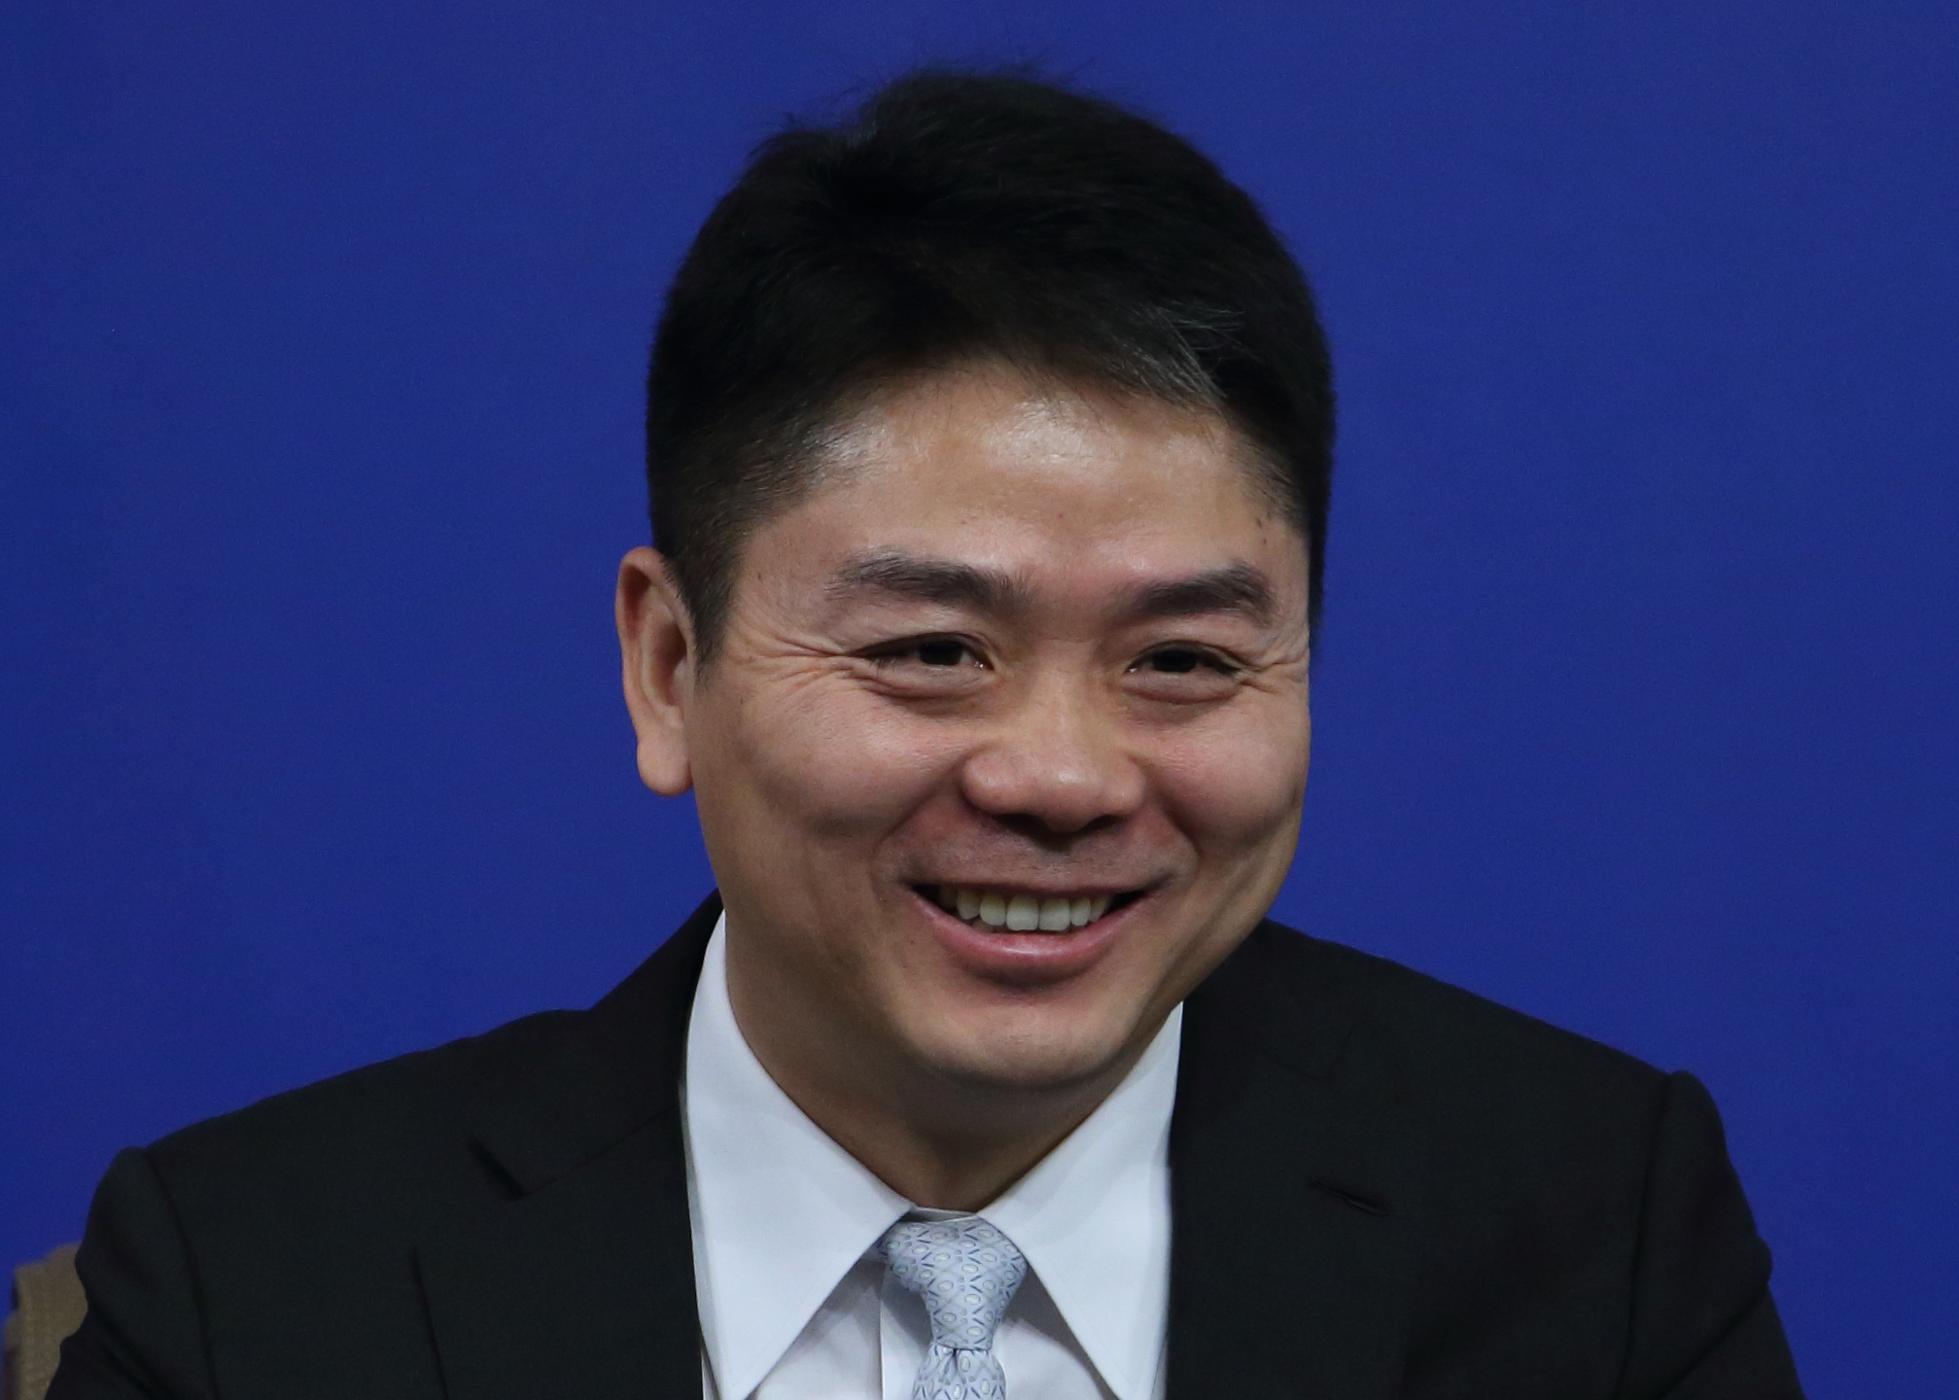 Richard Qiangdong Liu